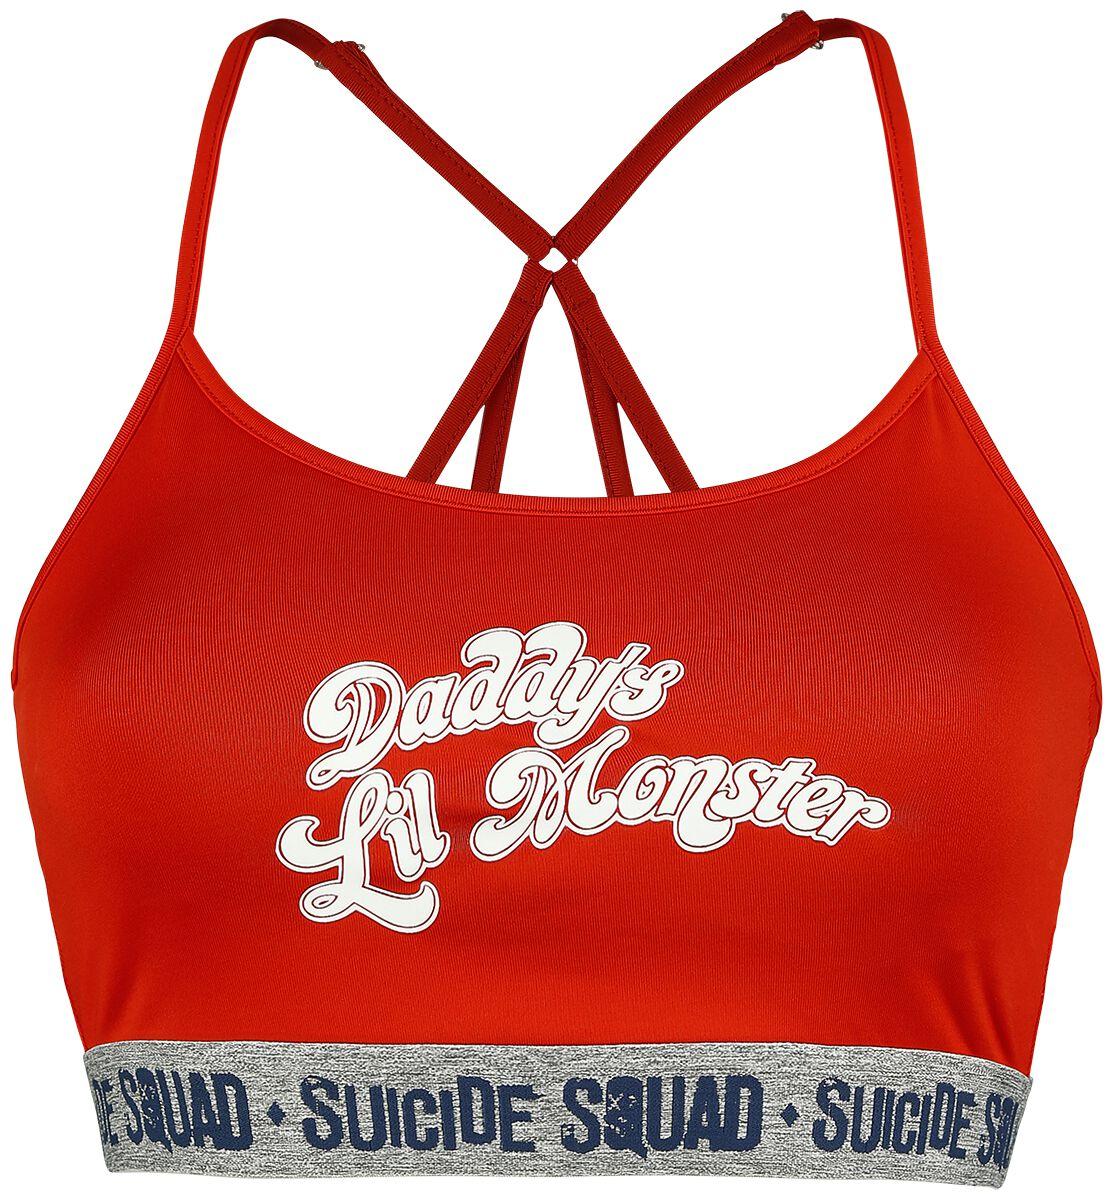 Merch dla Fanów - Bielizna - Bielizna Suicide Squad Daddys Lil Monster Bielizna czerwony/odcienie szarego - 371220